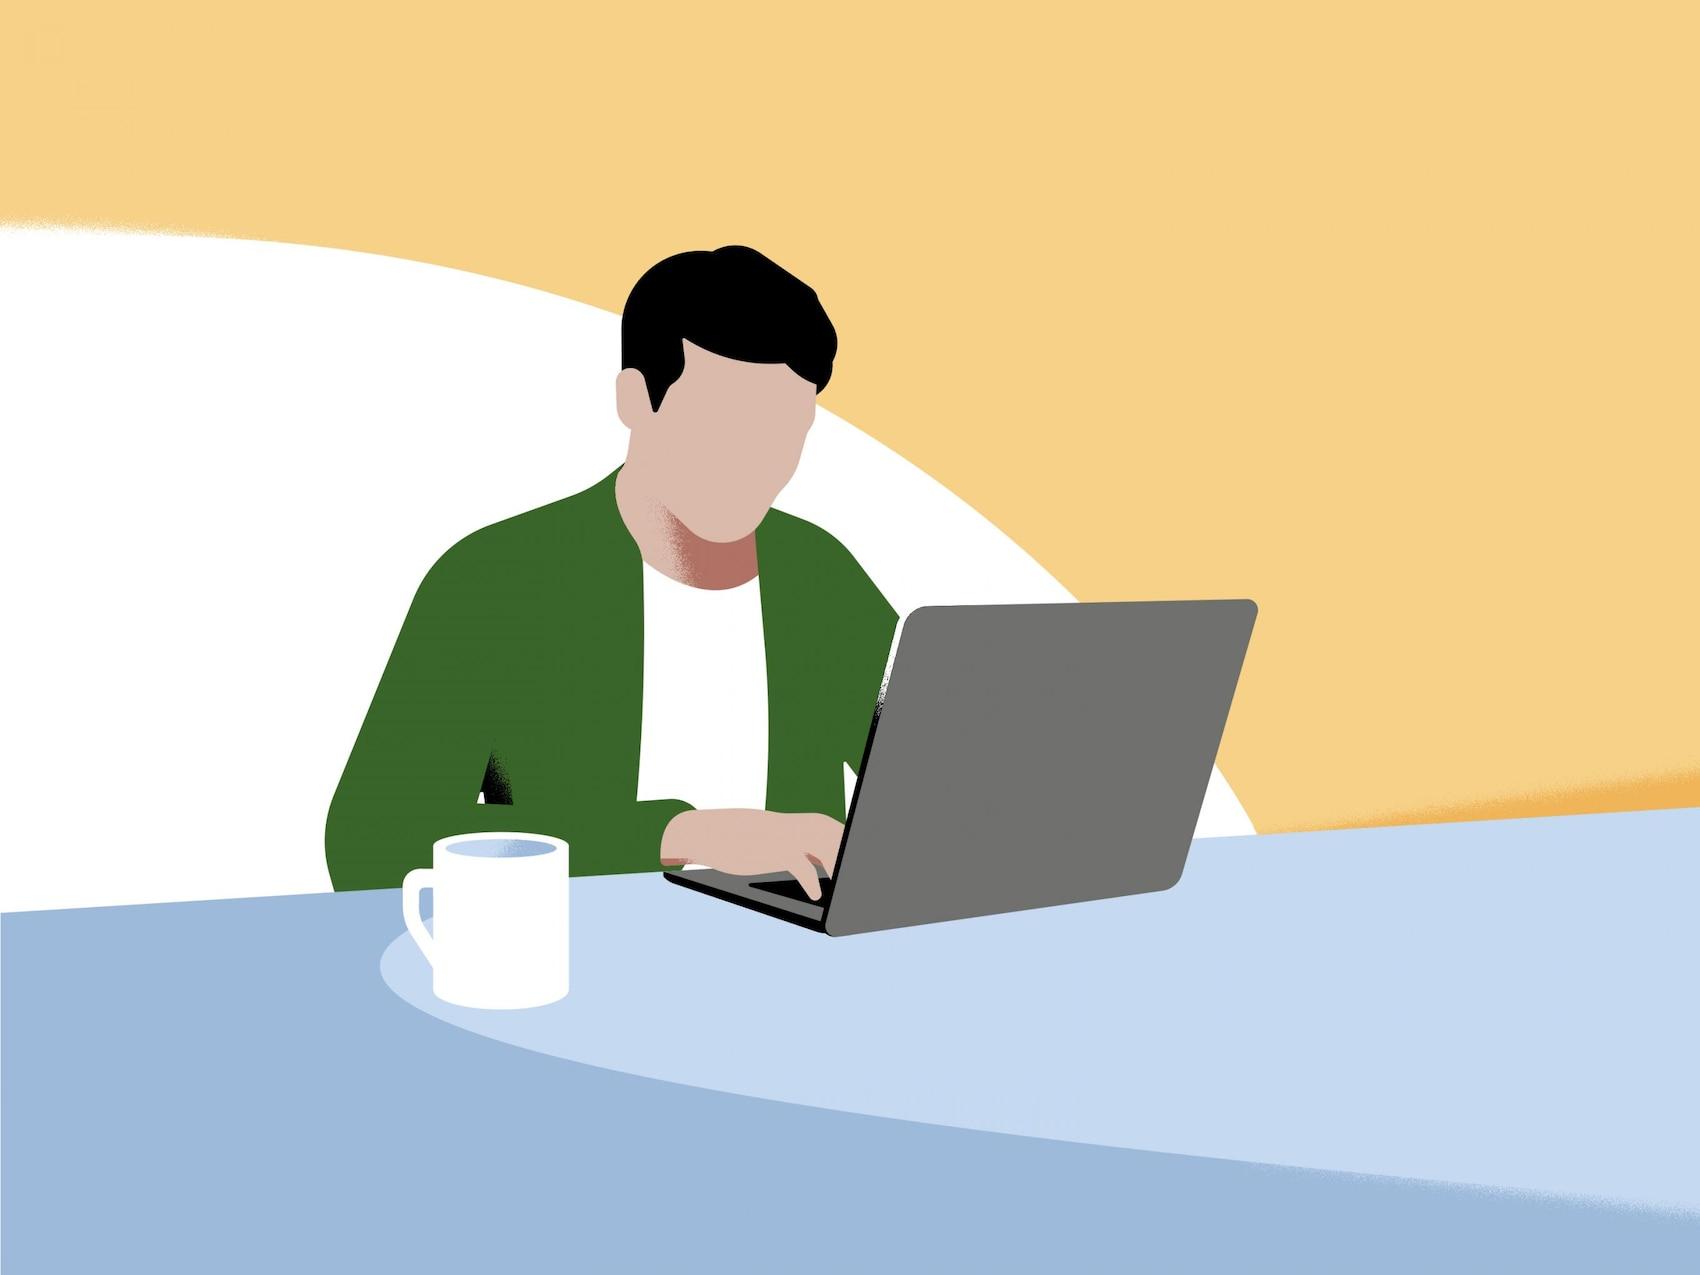 Homme assis devant un ordinateur